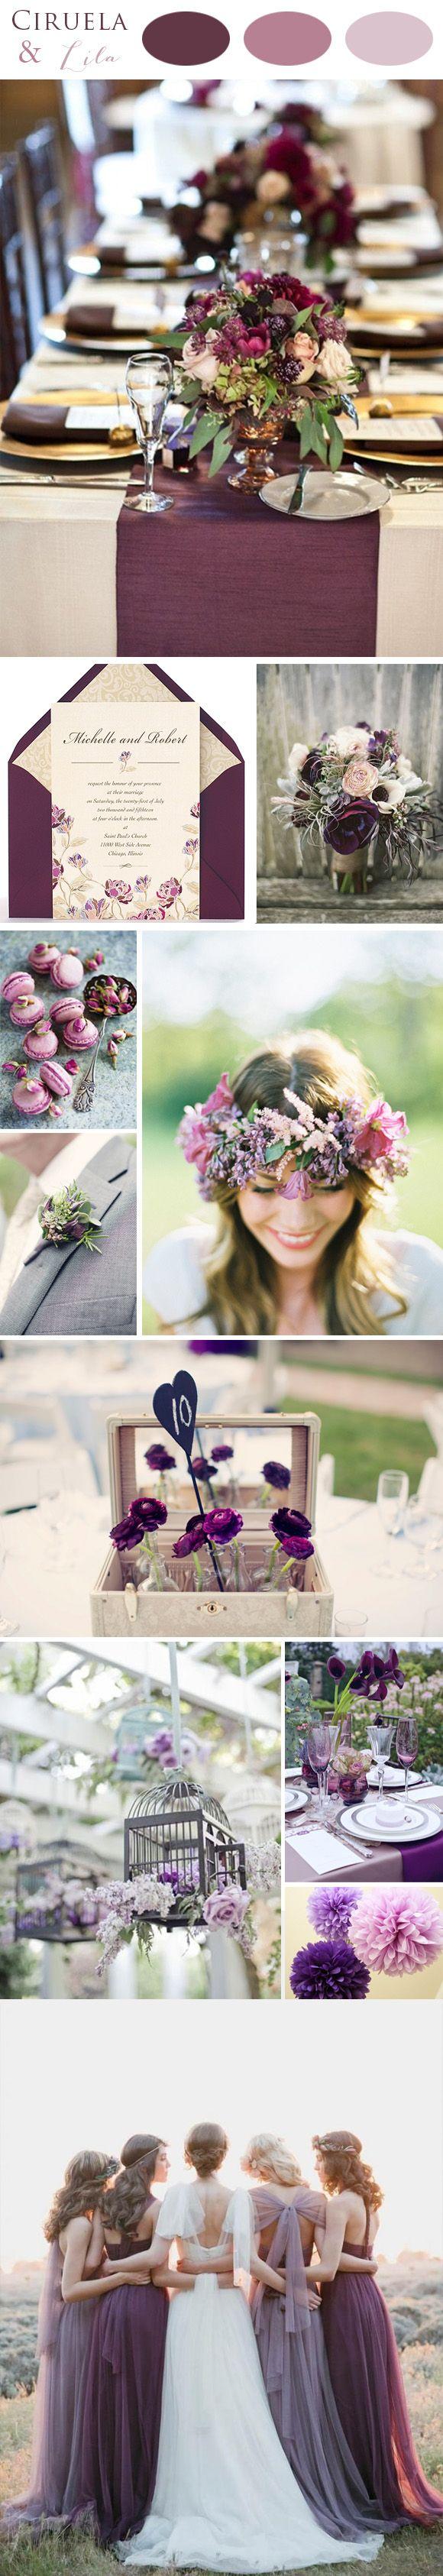 Bodas en colores ciruela y lila   Ciruelas, Combinación de colores y ...